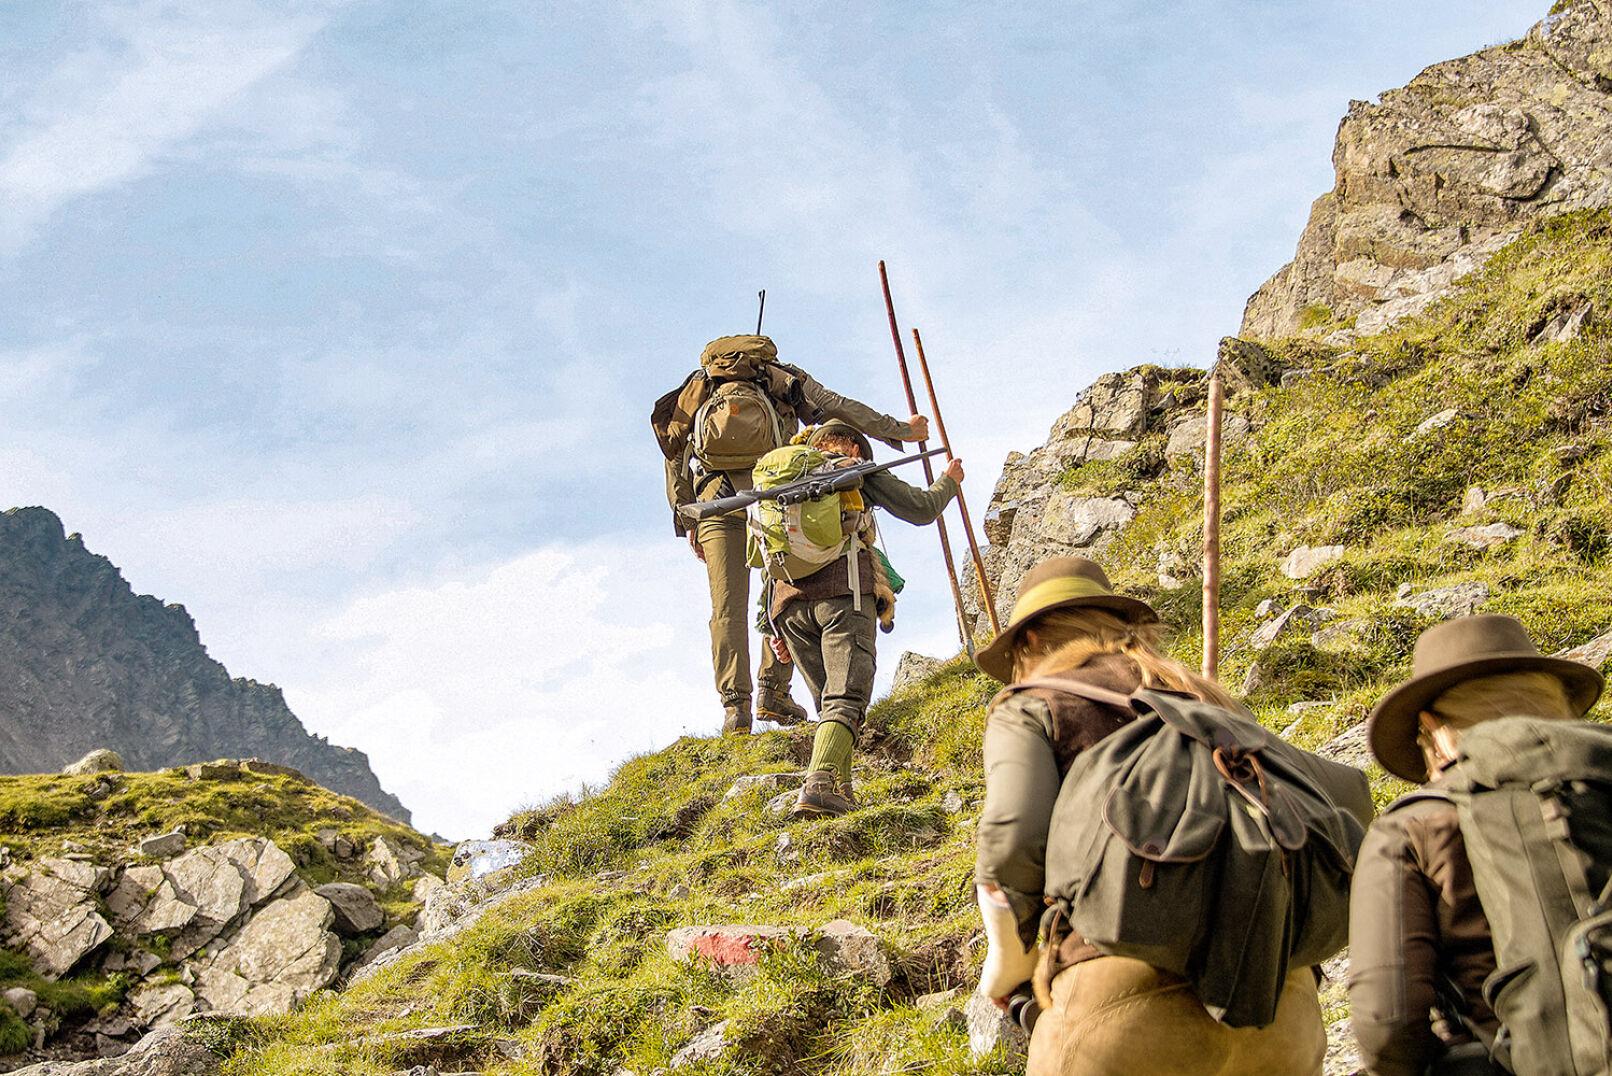 Bergauf über Stock und Stein. Eine wichtige Unterstützung bietet der Birschstock. - © WEIDWERK/Deck